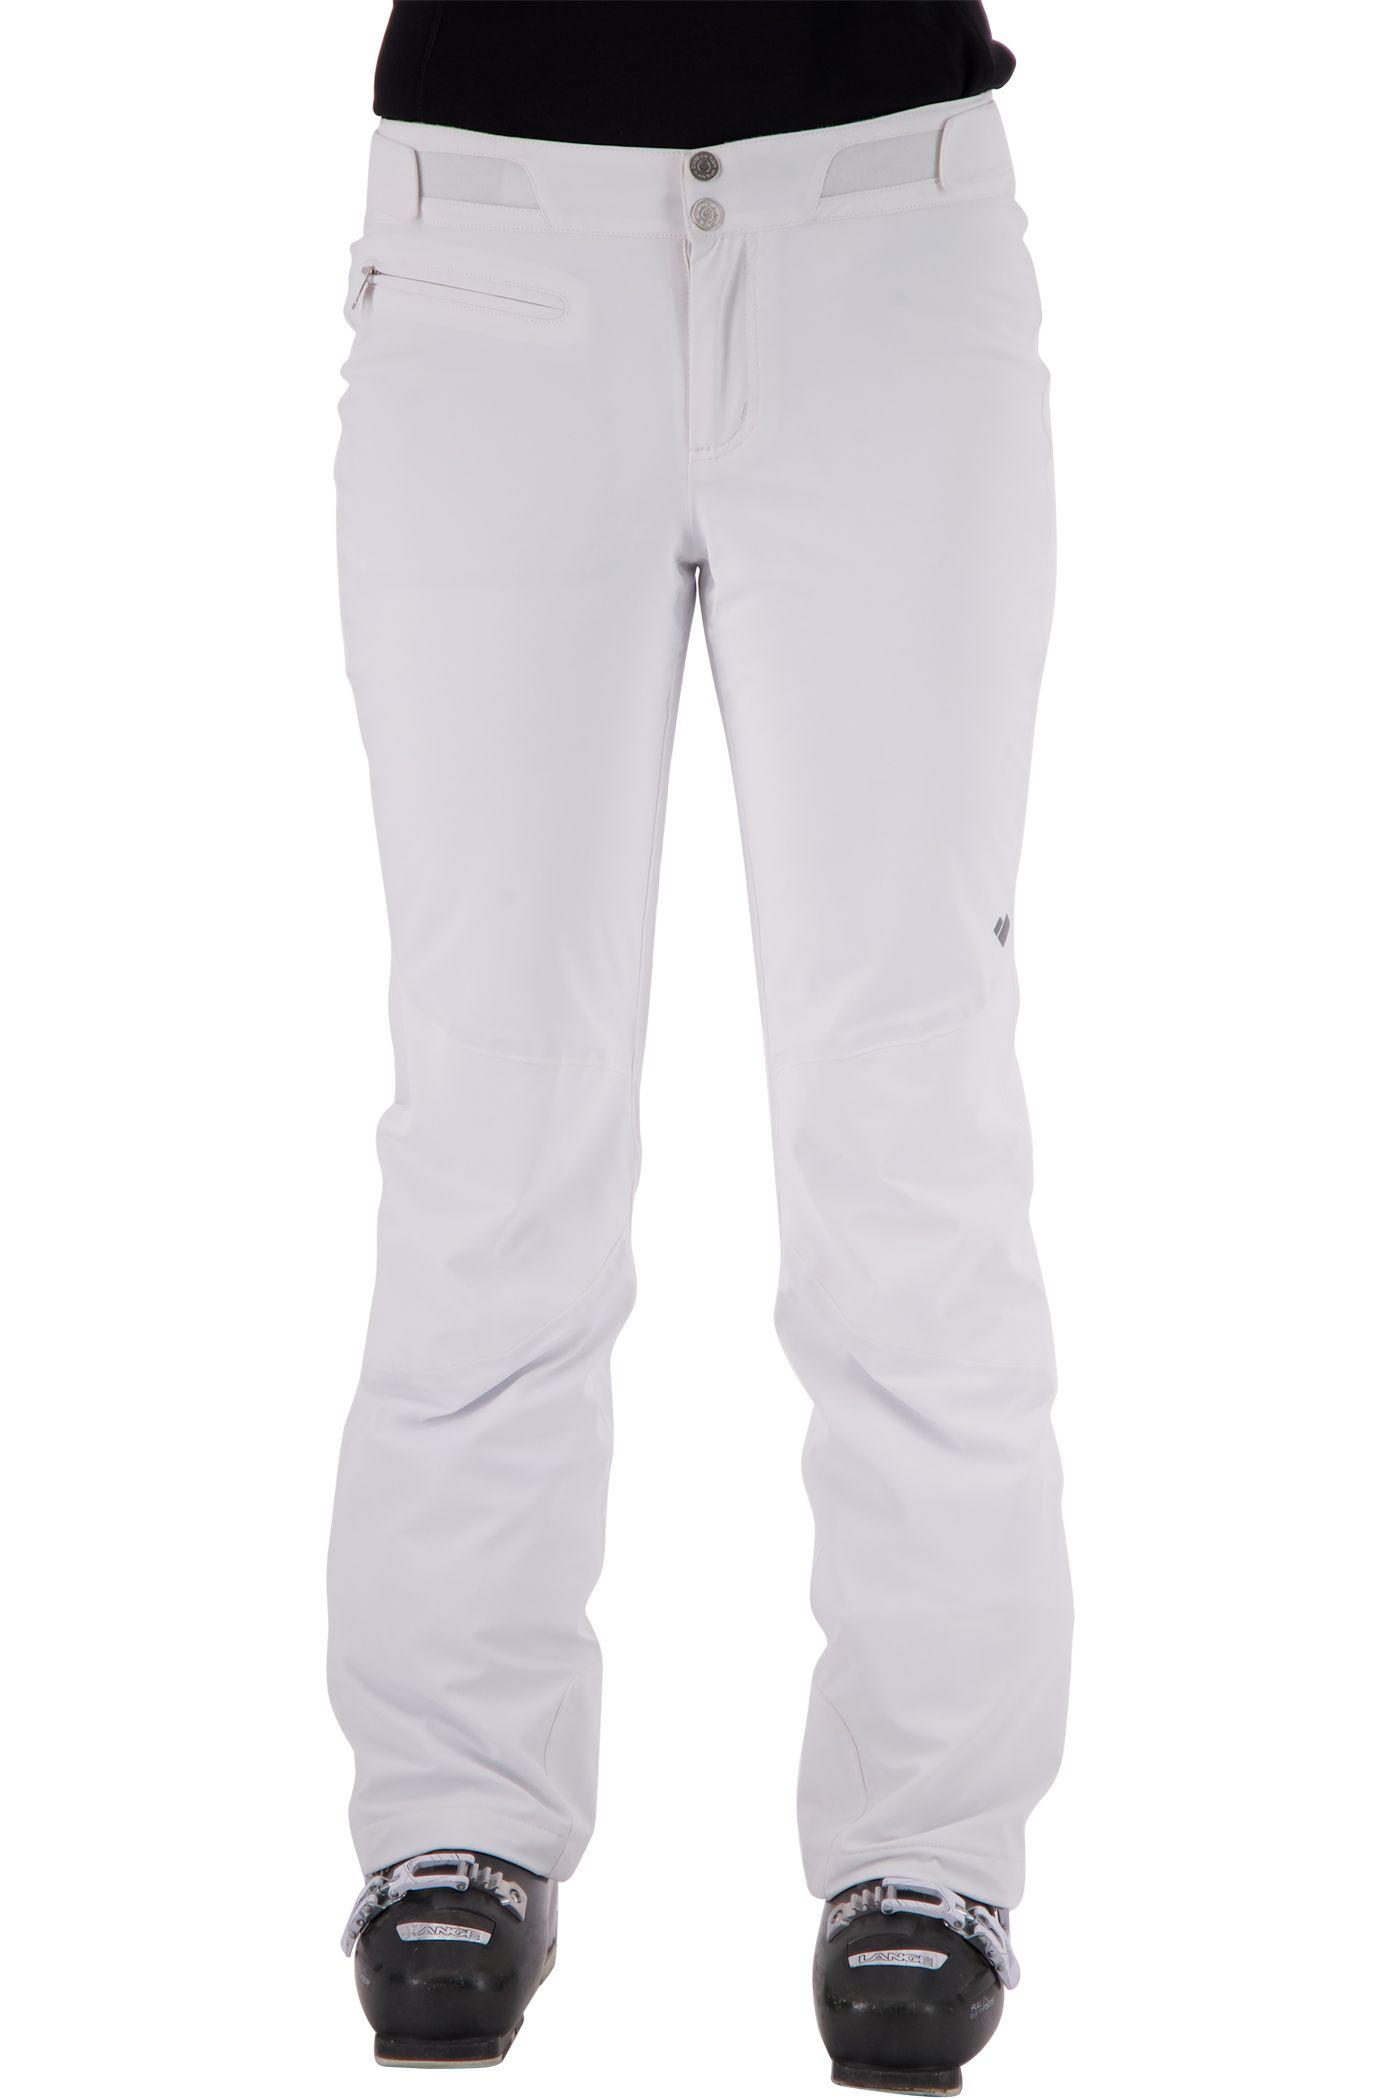 Obermeyer Women's Warrior Snow Pants